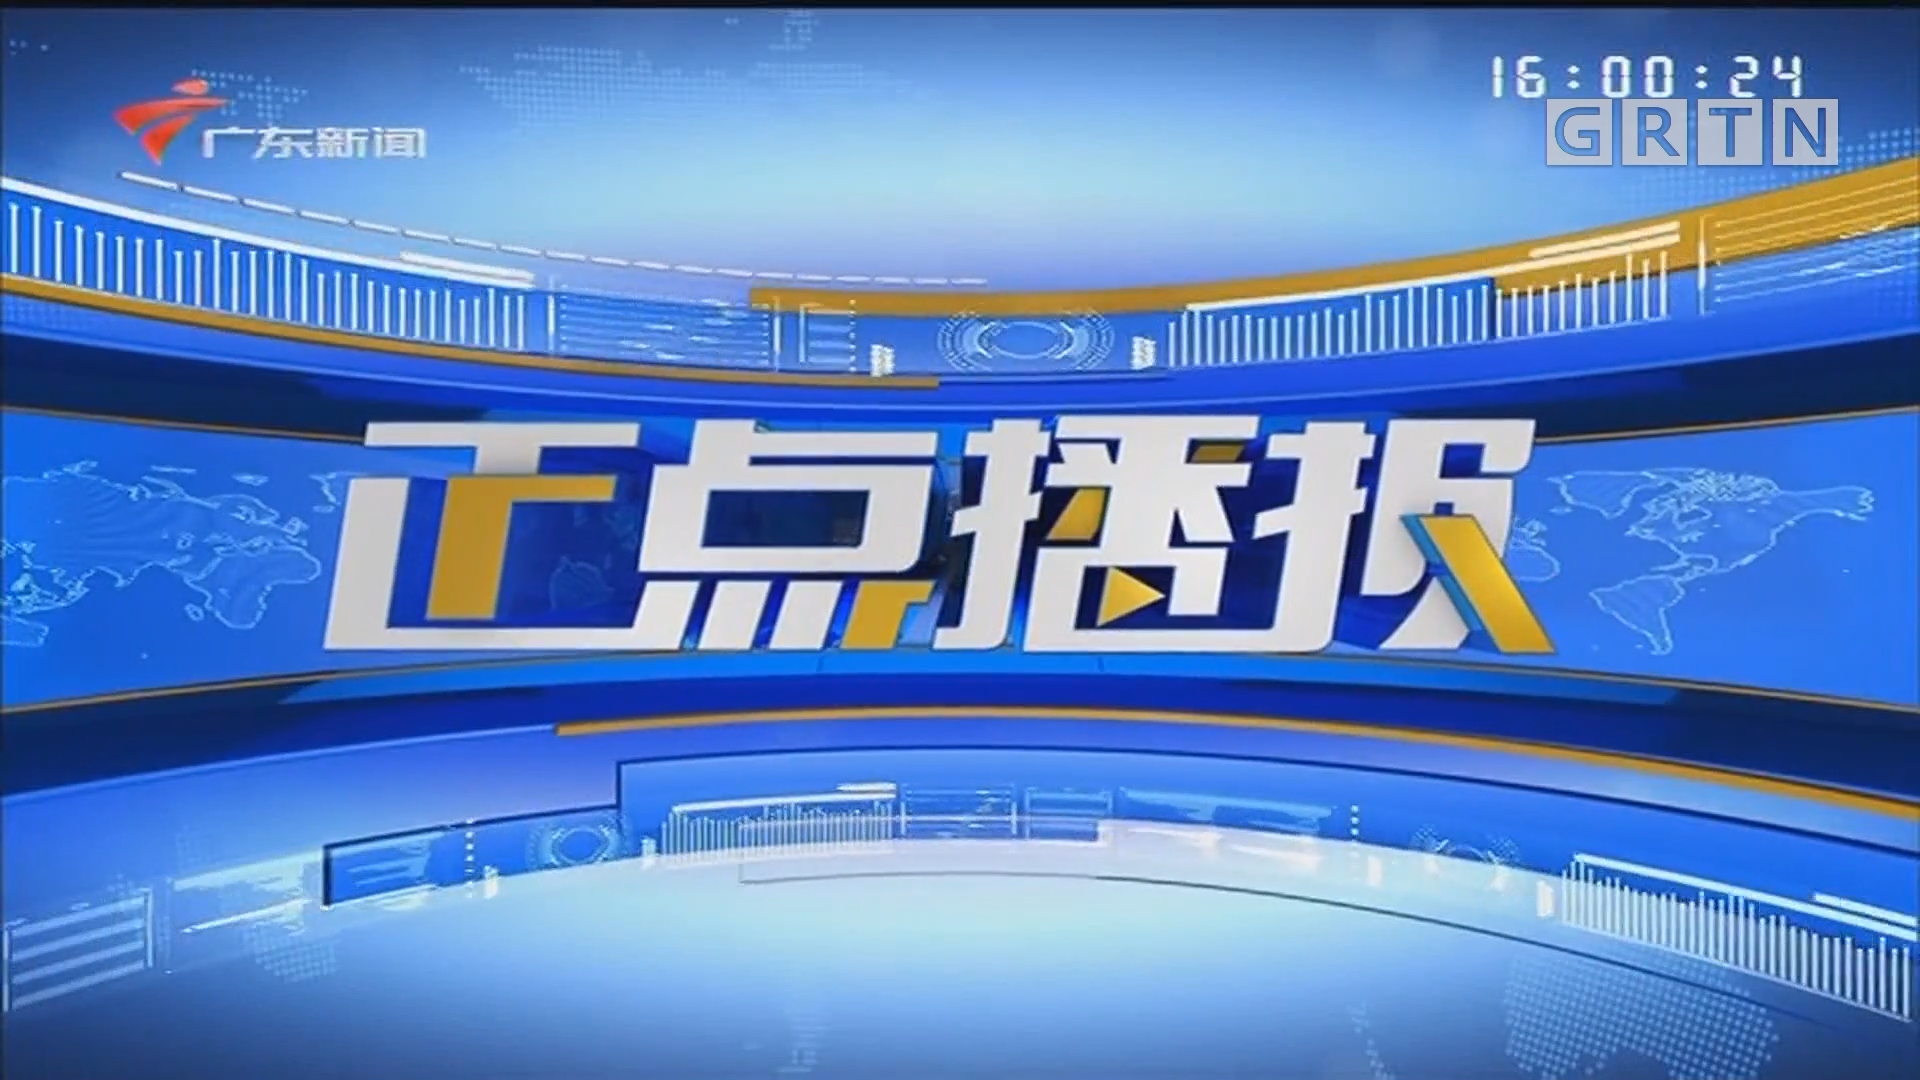 [HD][2020-06-02-16:00]正点播报:广州 首批26.7万名萌娃今日返园复学